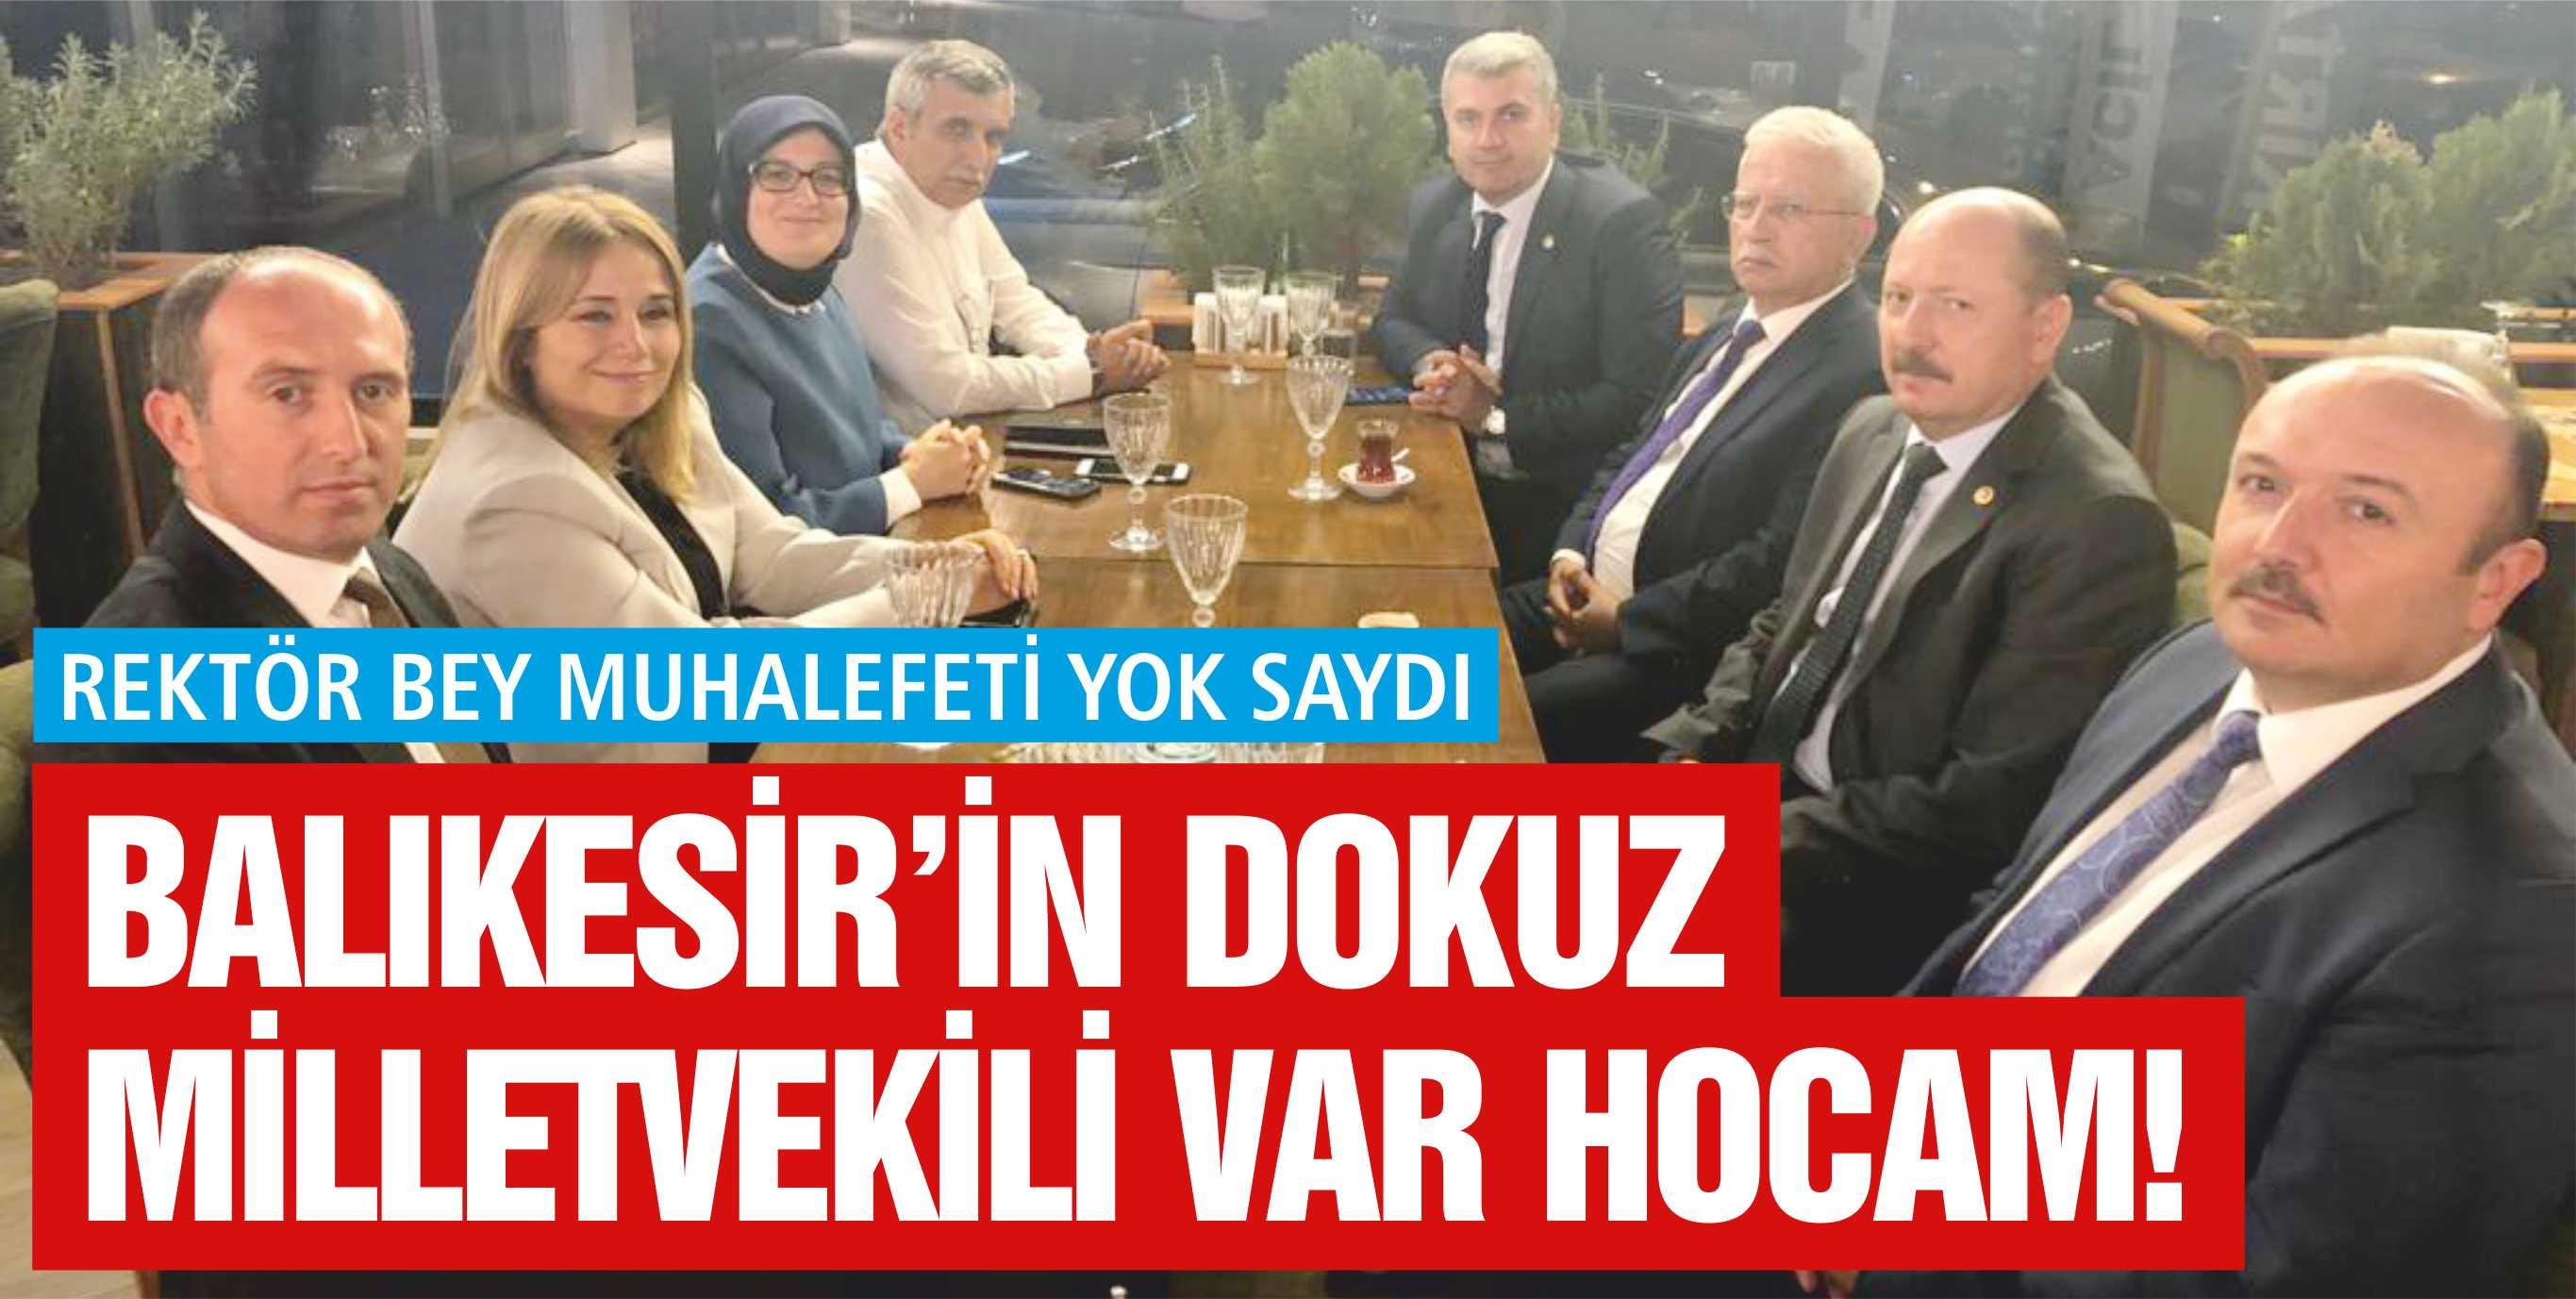 BALIKESİR'İN DOKUZ MİLLETVEKİLİ VAR HOCAM!